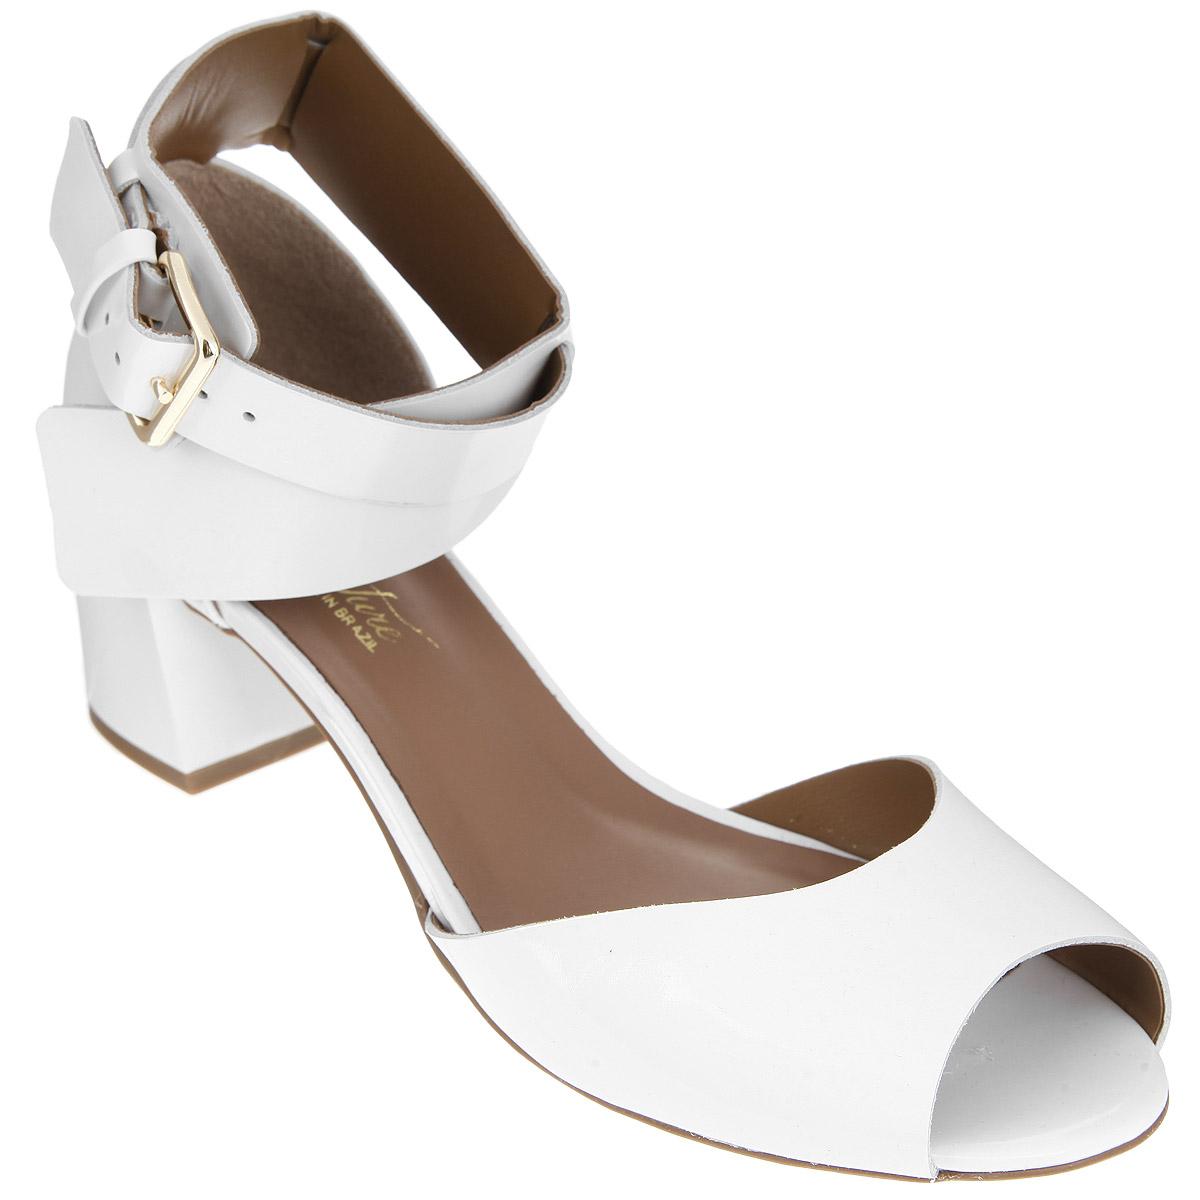 3300000Модные босоножки от Rio Couture - незаменимая вещь в гардеробе каждой женщины. Модель выполнена из натуральной лакированной кожи и исполнена в лаконичном стиле. Ремешок с прямоугольной металлической пряжкой, пропущенный через шлевки, отвечает за надежную фиксацию модели на ноге. Длина ремешка регулируется за счет болта. Стелька из натуральной кожи, дополненная названием бренда, комфортна при ходьбе. Умеренной высоты каблук устойчив. Каблук и подошва с рифлением обеспечивают отличное сцепление с любыми поверхностями. Лаконичные босоножки прекрасно дополнят любой ваш образ.